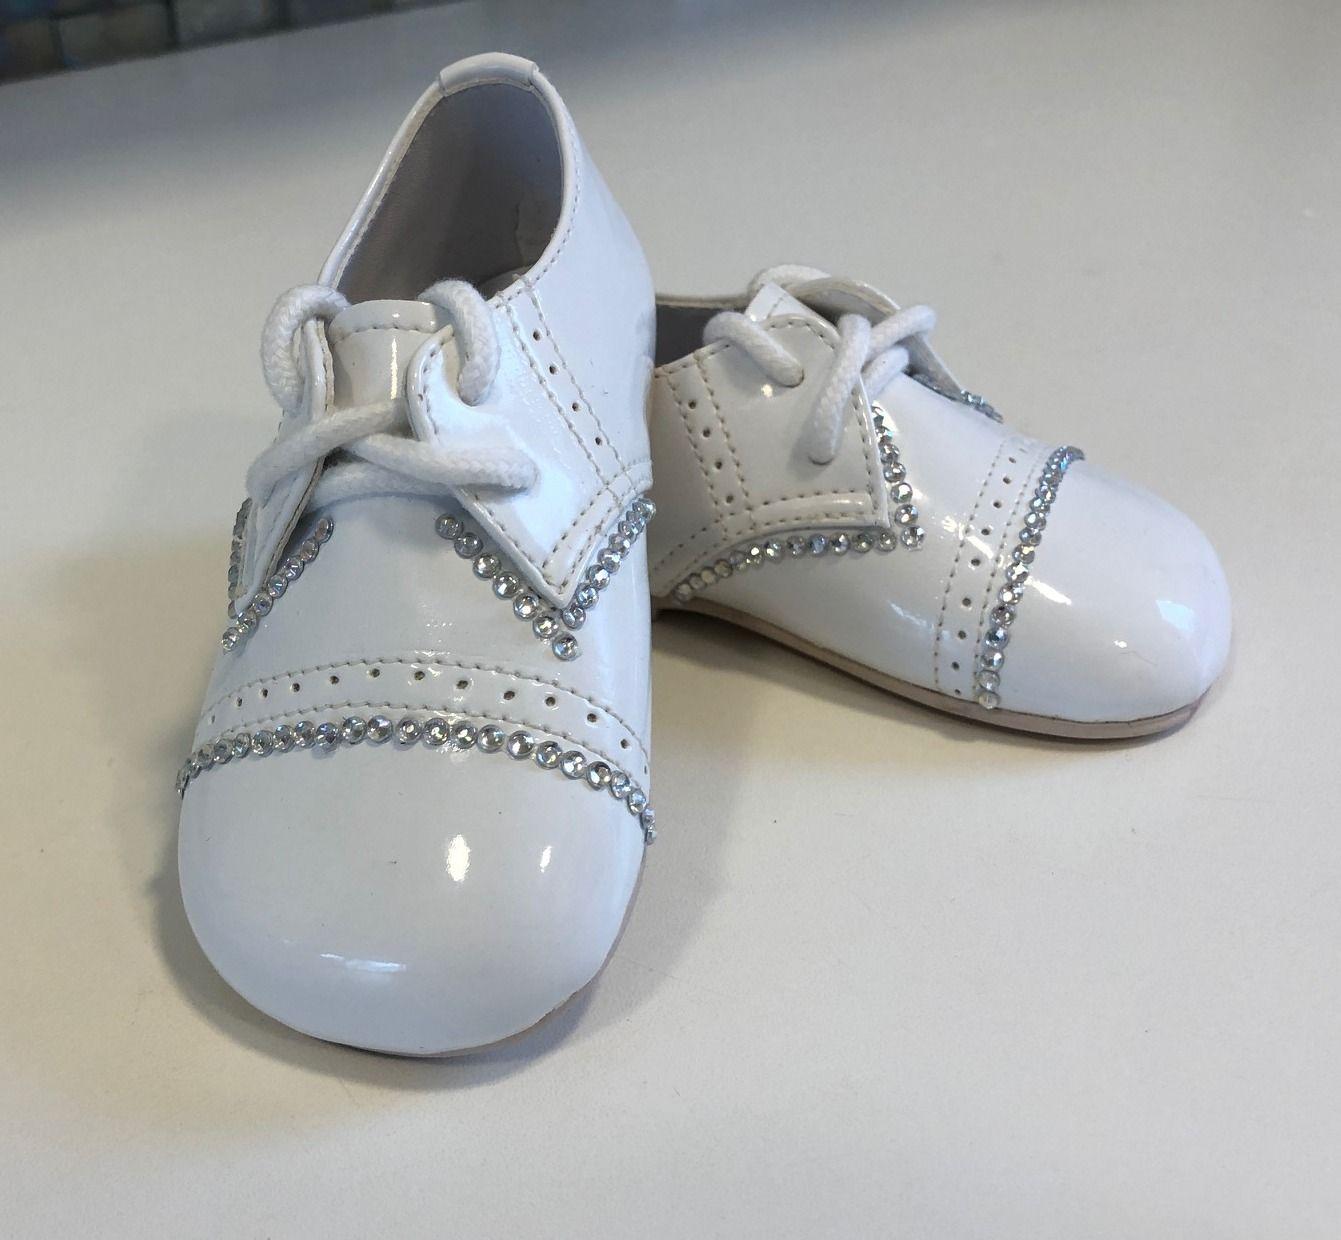 Keresztelő cipő115 8980-Ft.